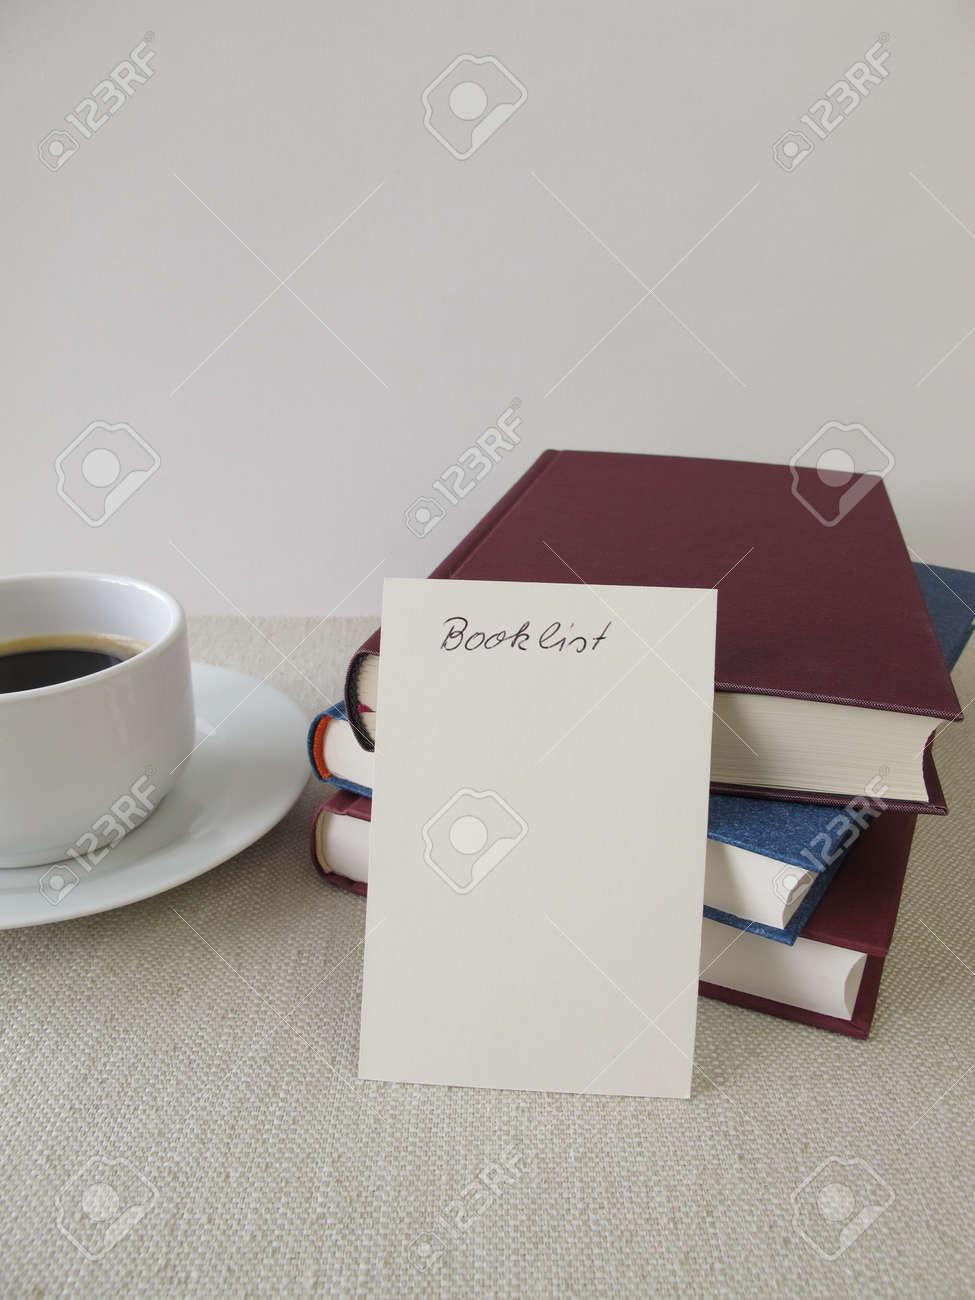 bücher, leere bücherliste und eine tasse kaffee lizenzfreie fotos